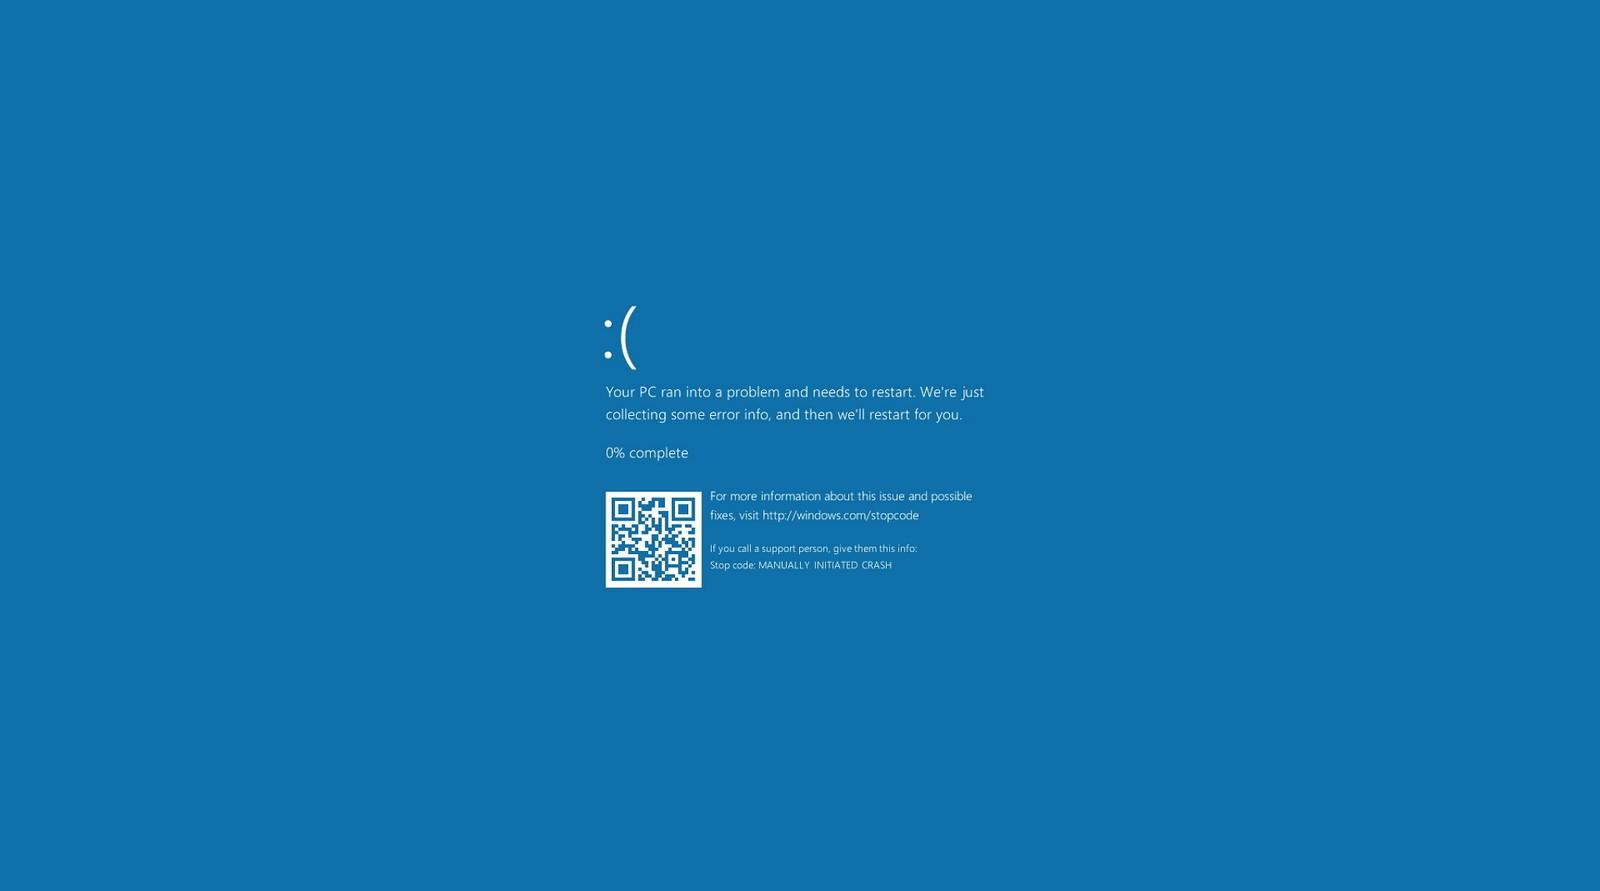 Cách khắc phục và sửa lỗi màn hình xanh Windows 10